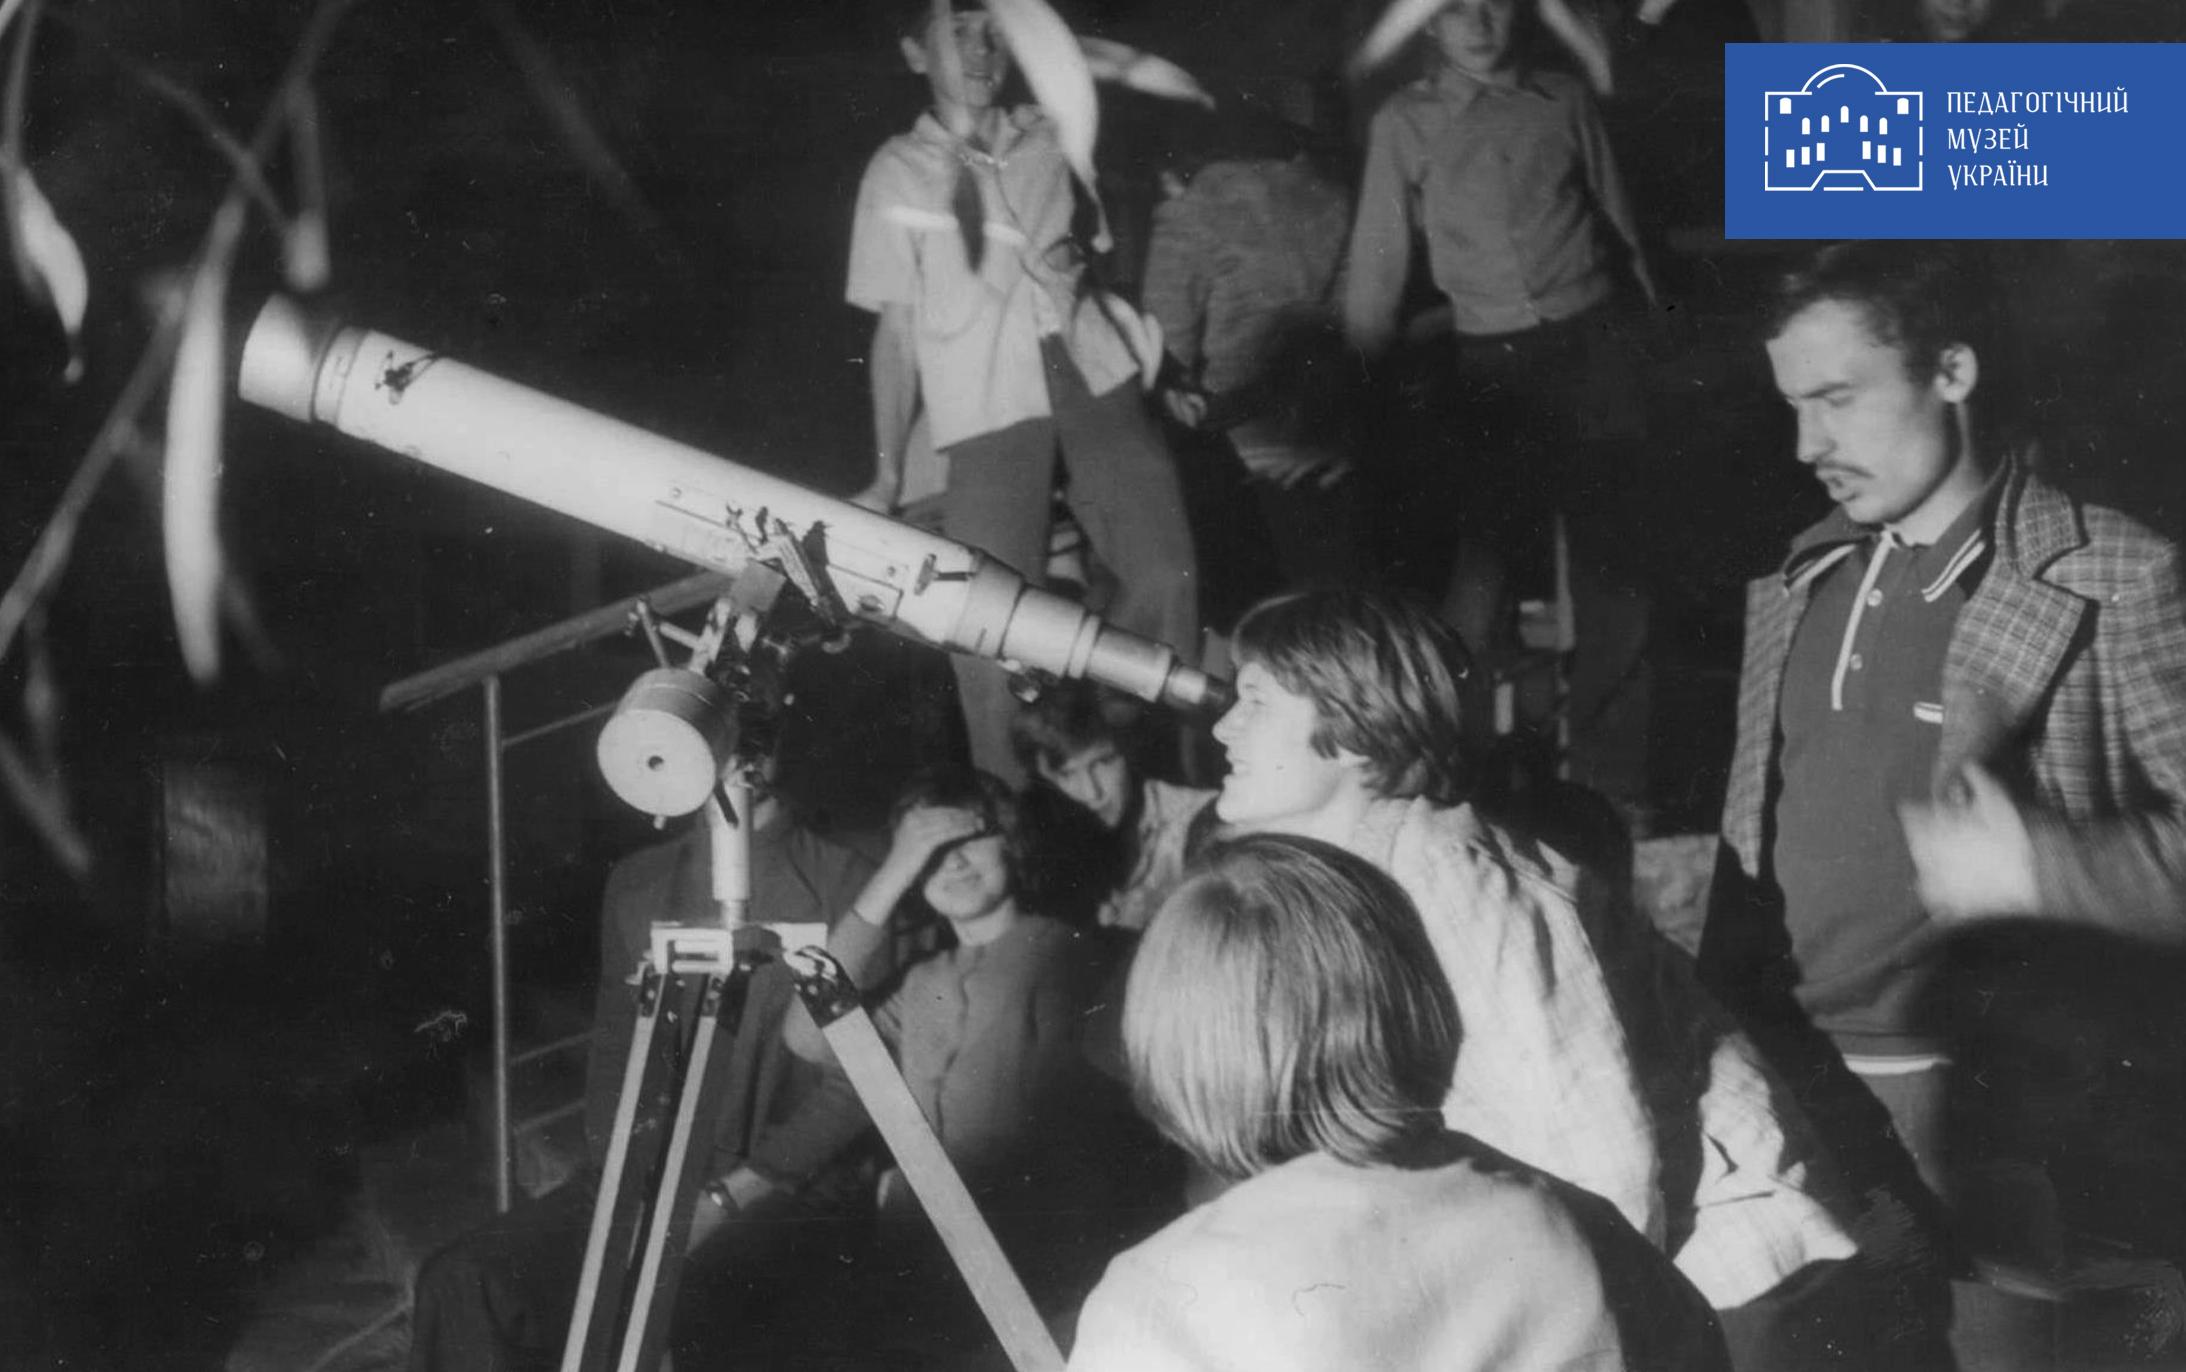 Астрономічний гурток, підготовка до вечірнього заняття «Спостереження за зірками» в шкільній астрономічній обсерваторії. Чернігівська СШ(номер невідомий)  1981 р. Фотокомплекс. Папка «Технічні засоби навчання». Фото №53. Офсет чорно-білий.